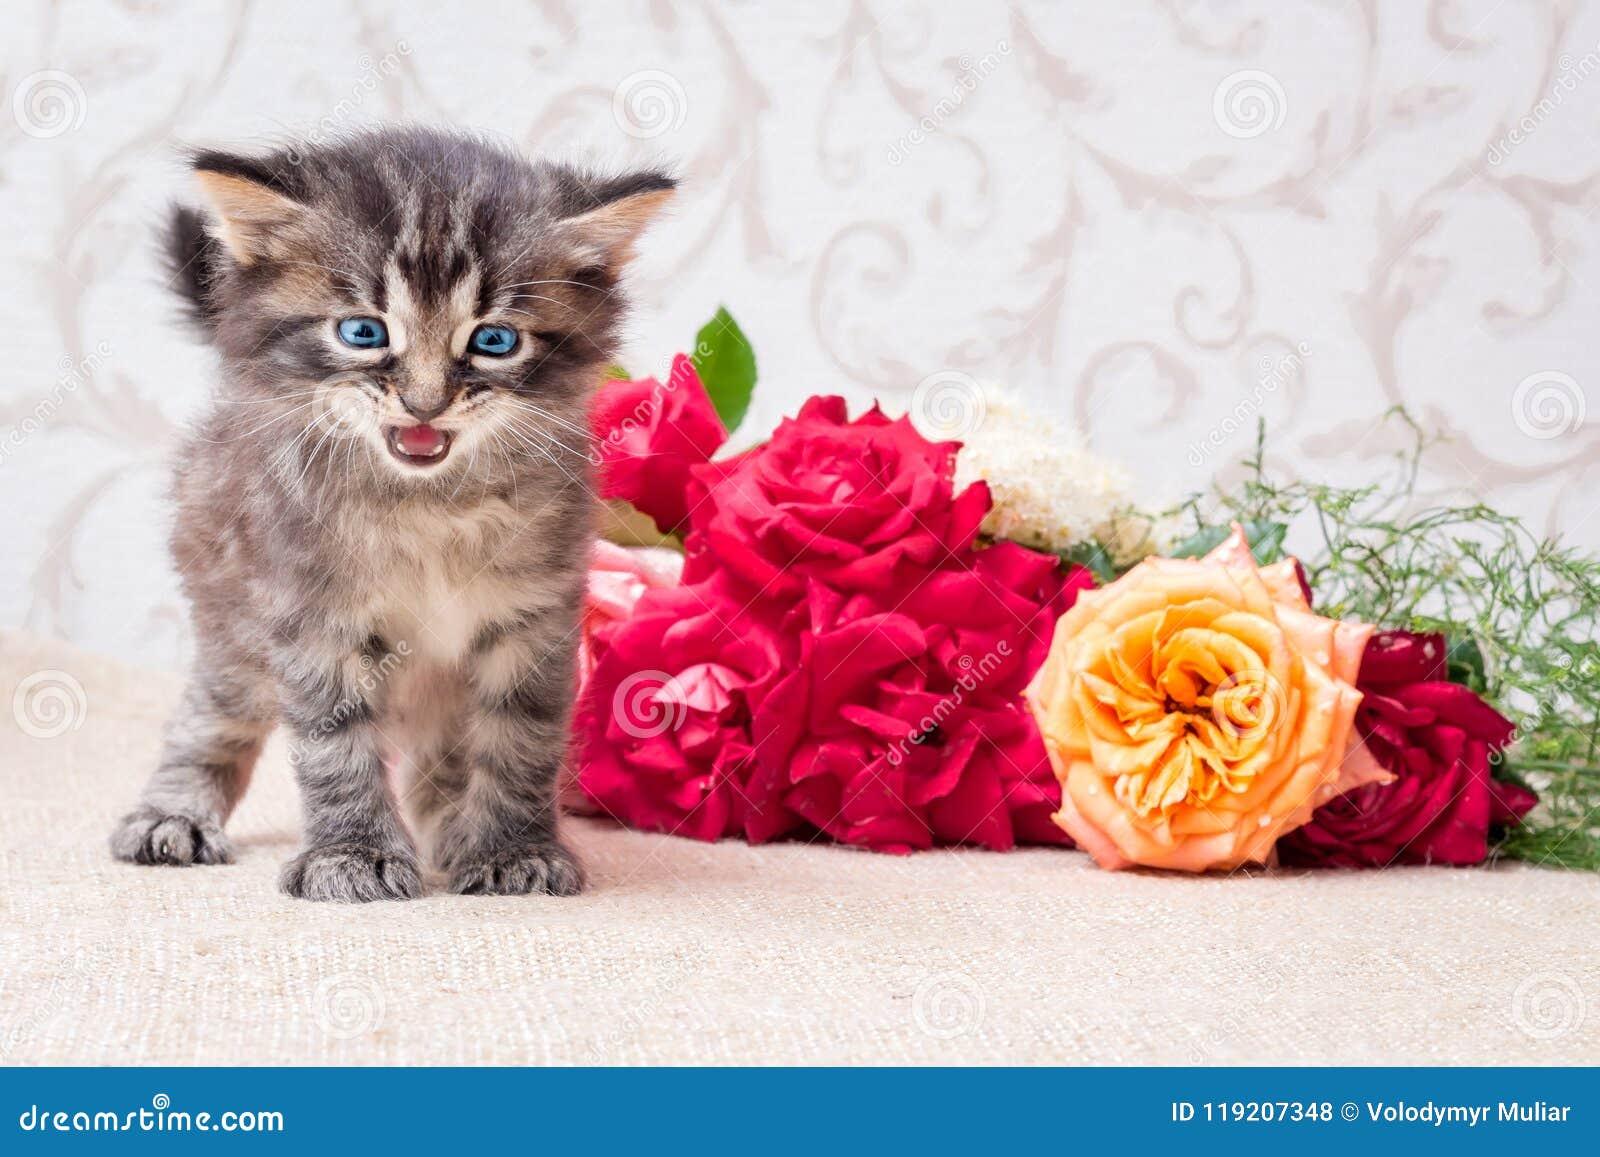 Little Playful Kitten Near A Bouquet Of Flowers. Happy Birthday_ ...